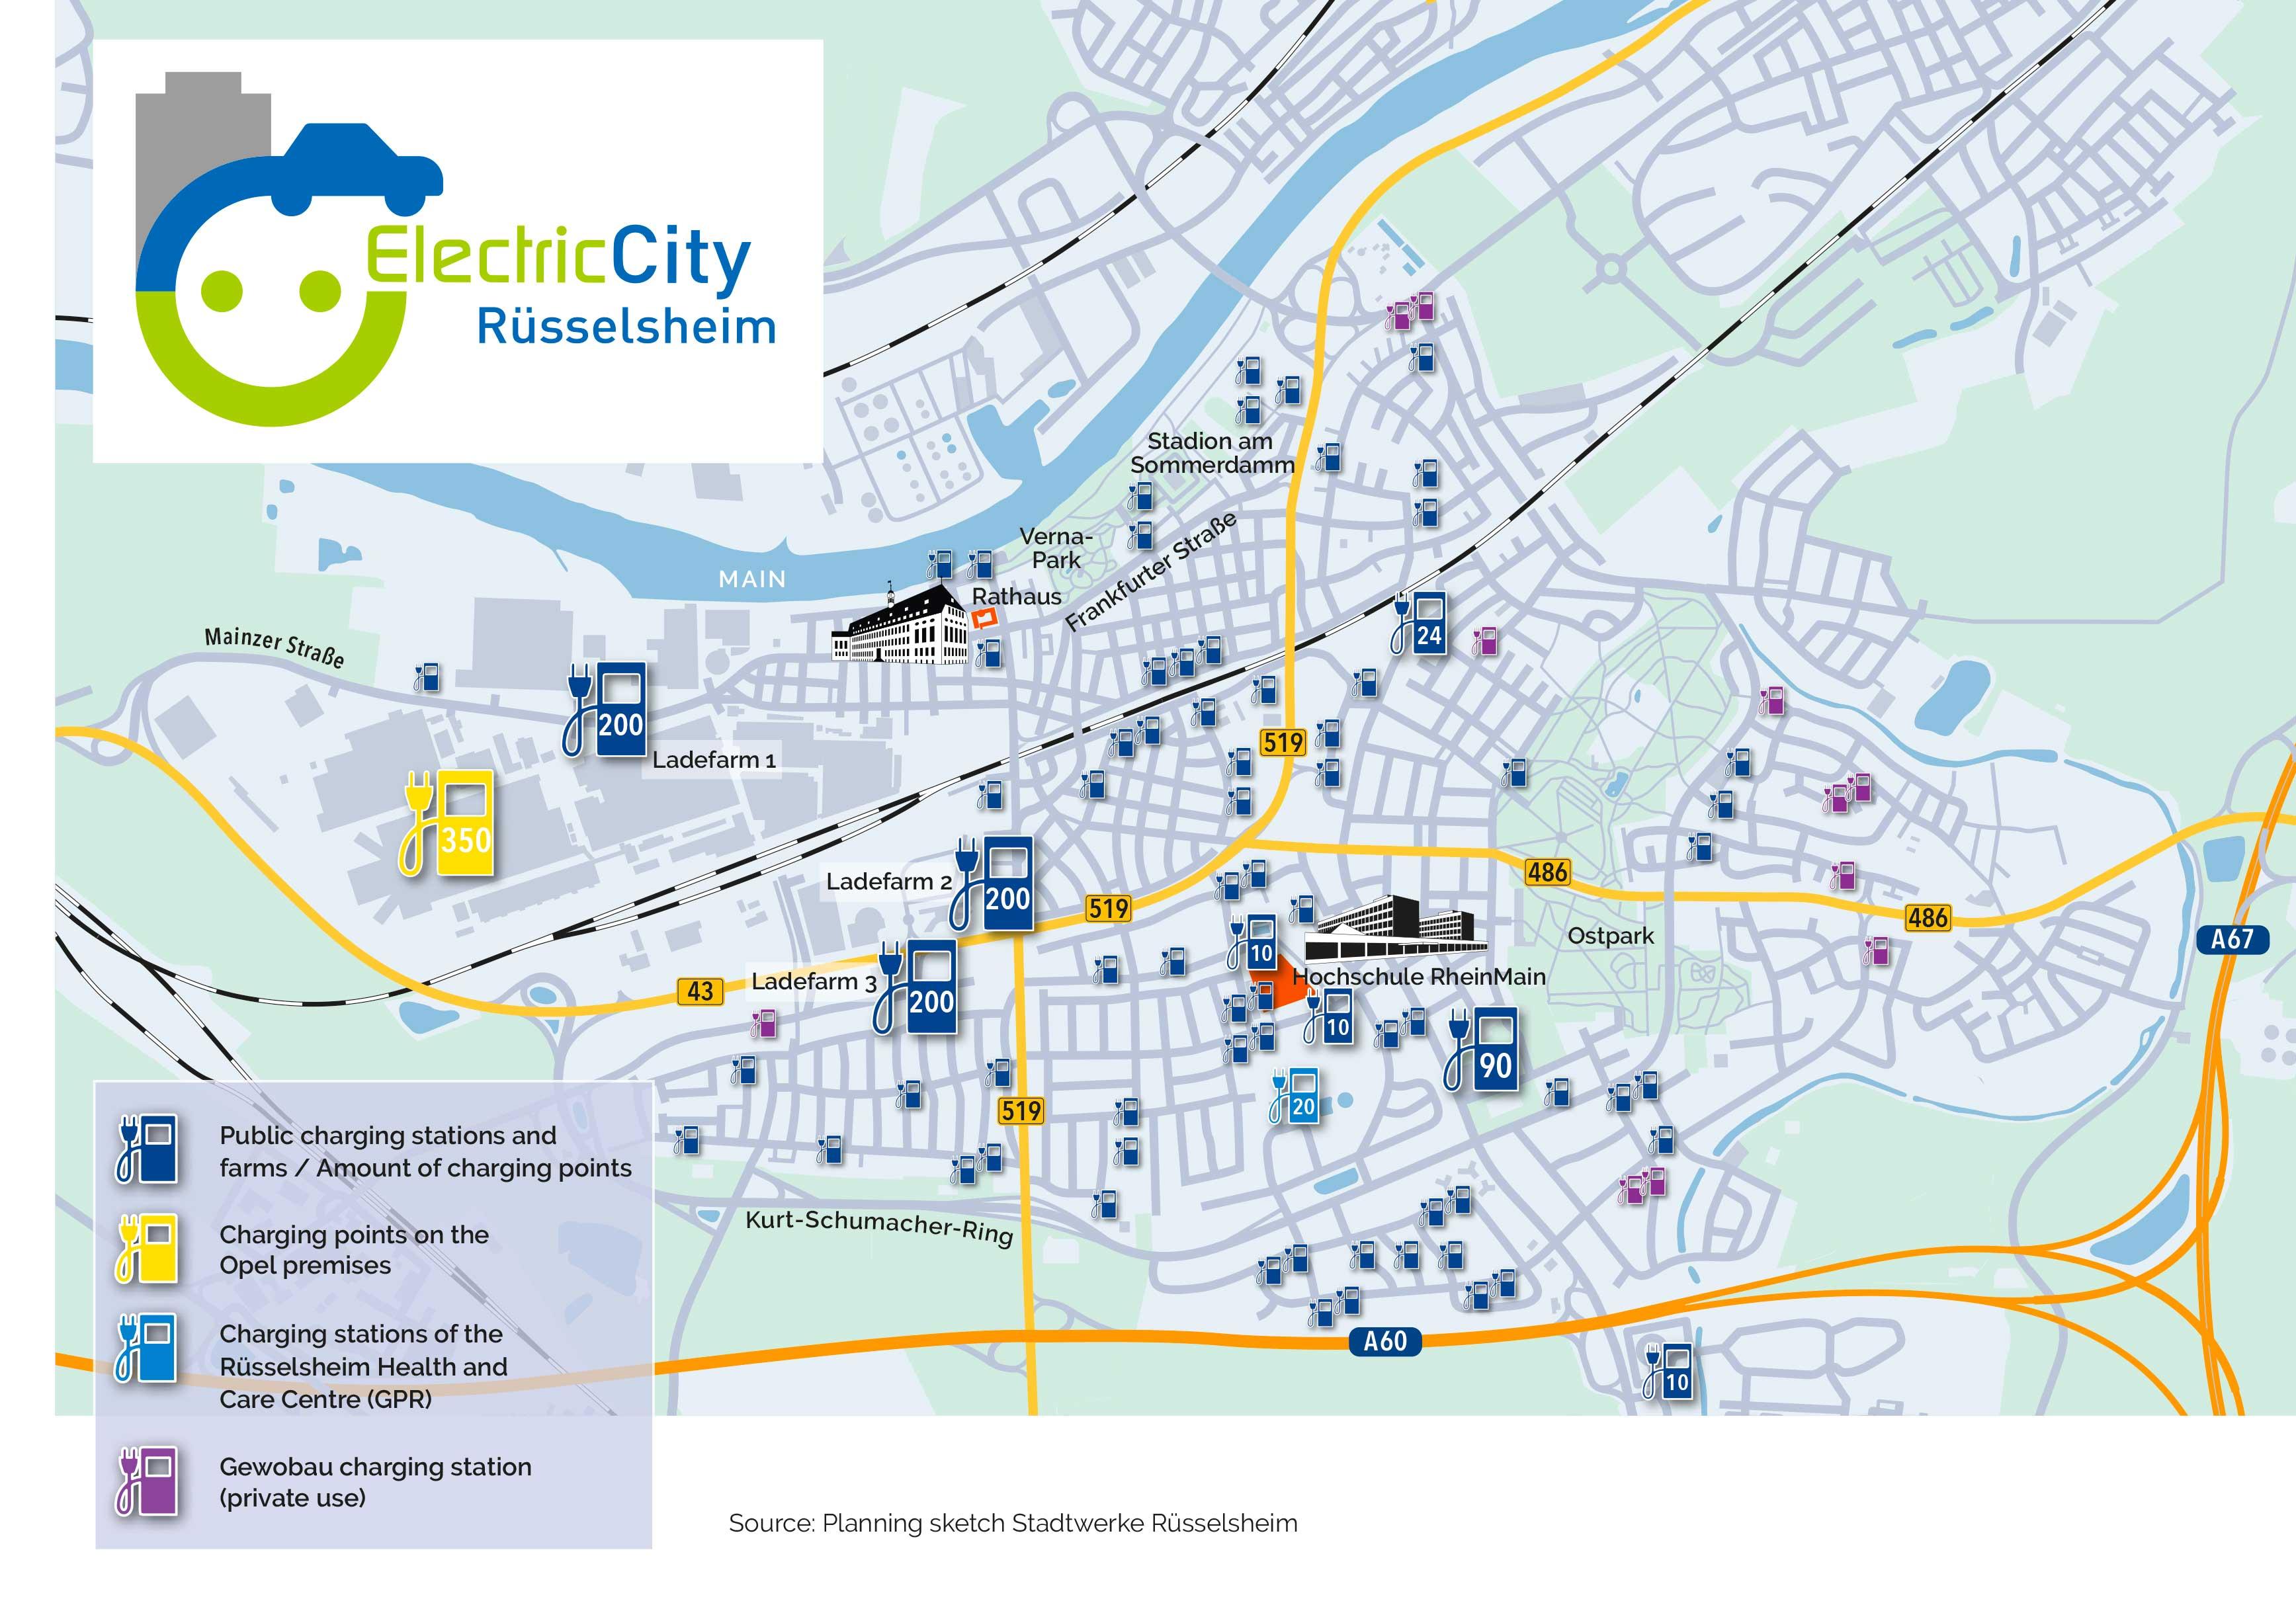 A Rüsselsheim nasceranno 1.300 punti di ricarica entro il 2020